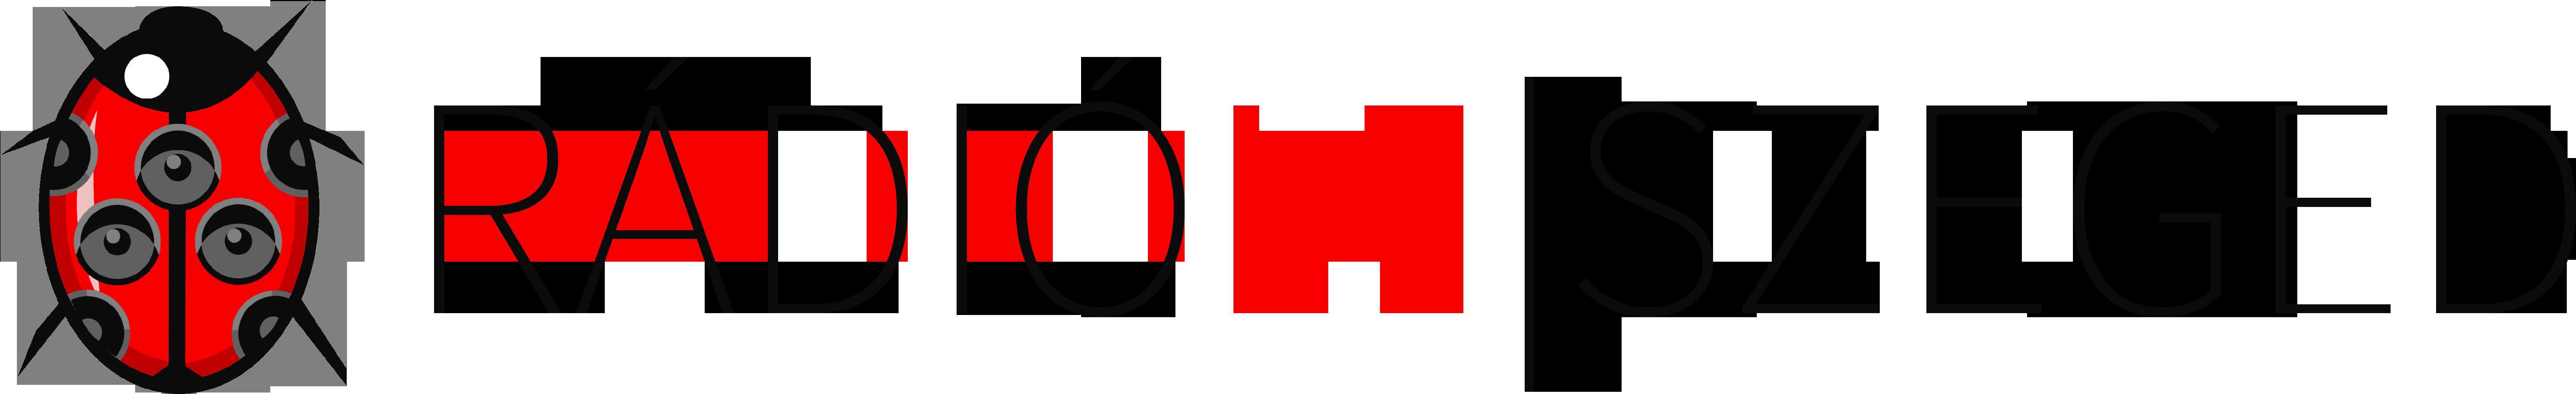 radiomi_logo_rgb.png